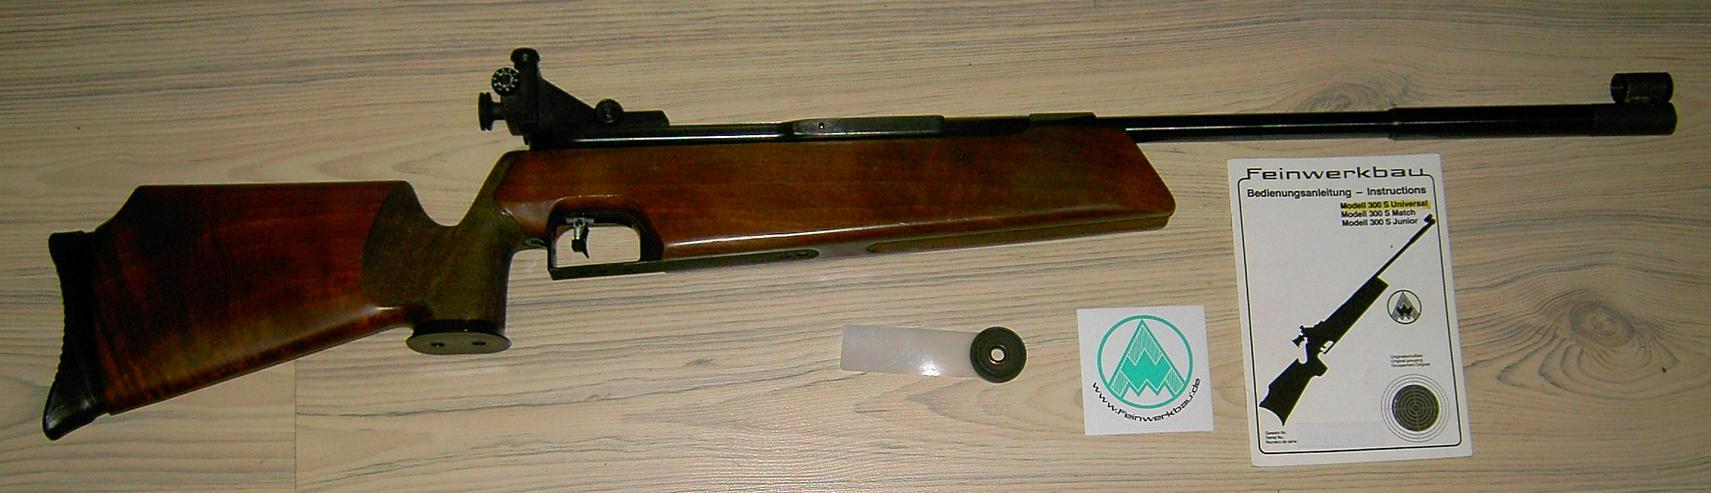 Luftgewehr Feinwerkbau 300 S